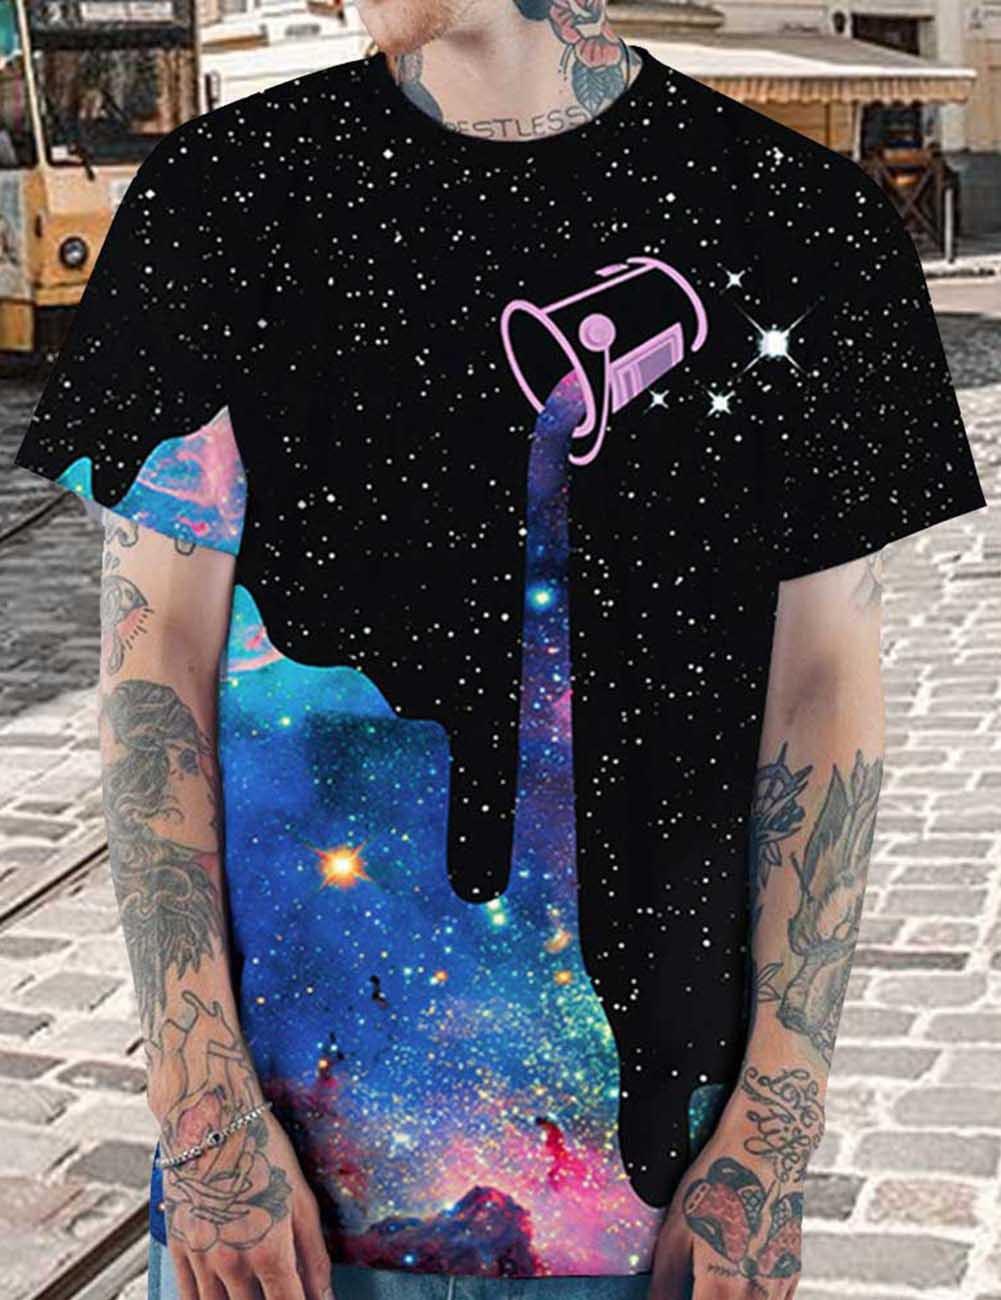 Летняя мода Новый дизайн Star Milk Cup Цифровая печатная футболка в 2019 году популярный стиль мужские футболки с коротким рукавом мужские рубашки